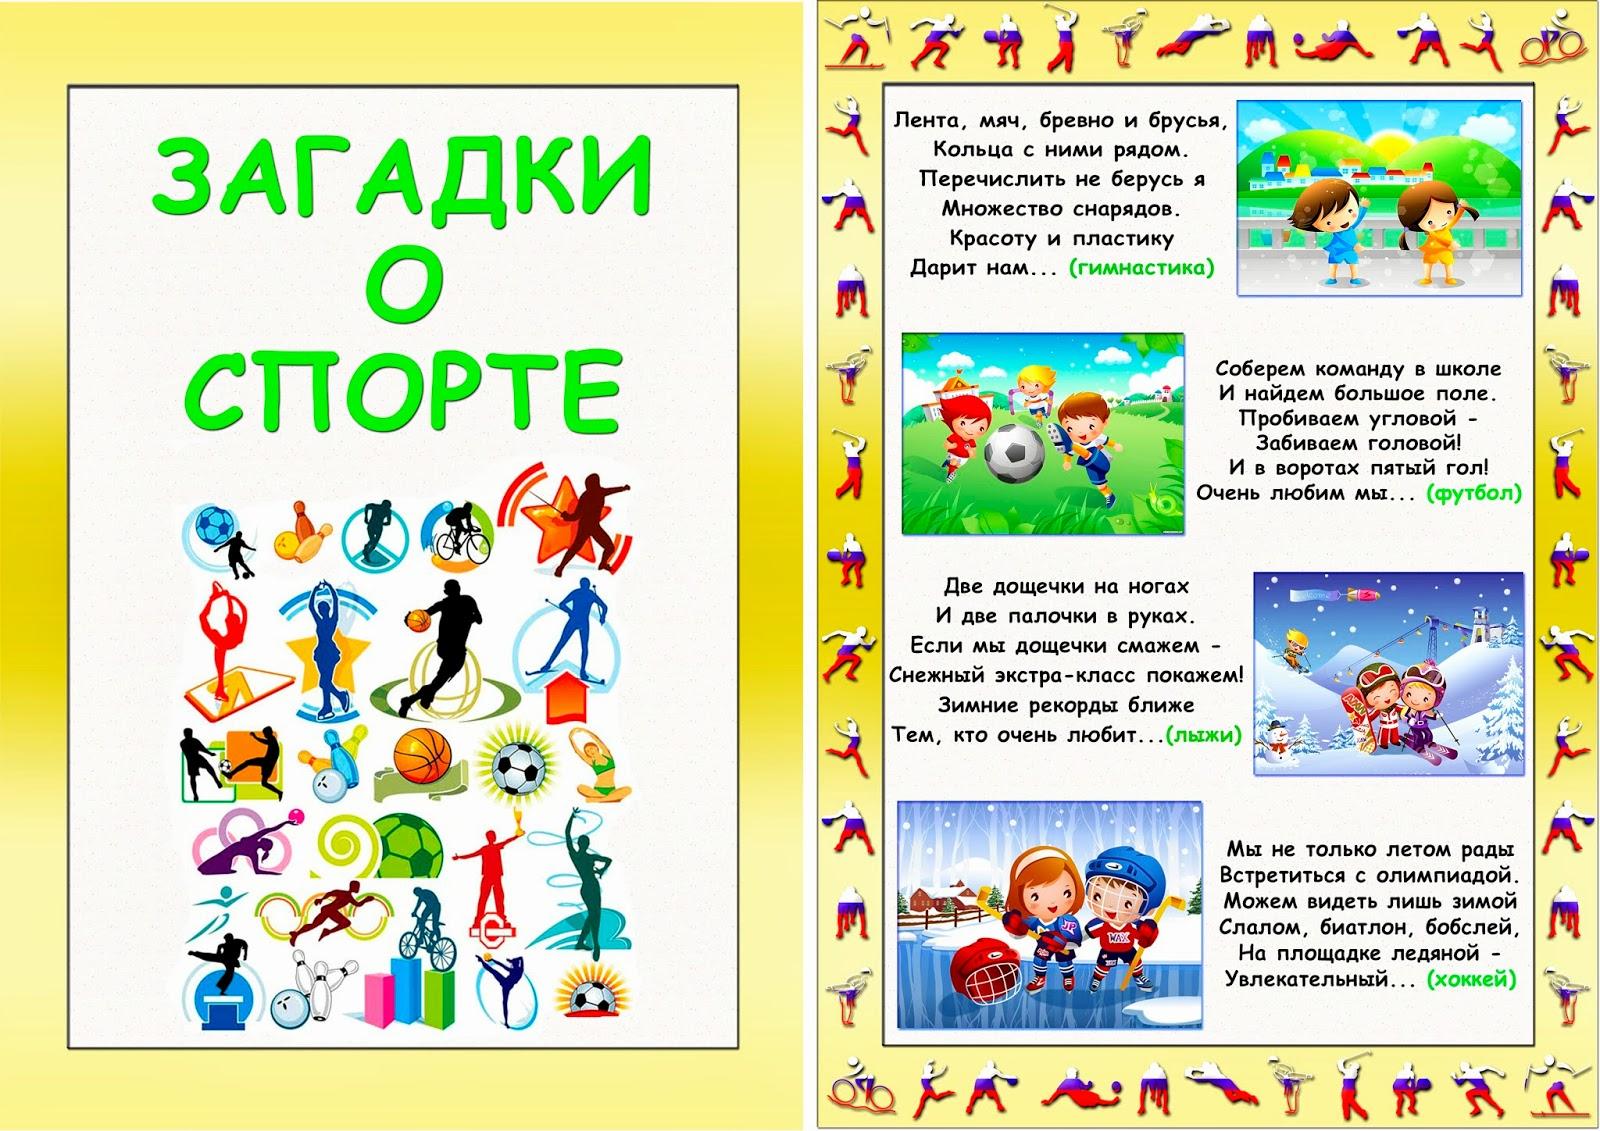 Картинки с видами спорта со стихами для детского сада, пара открытка